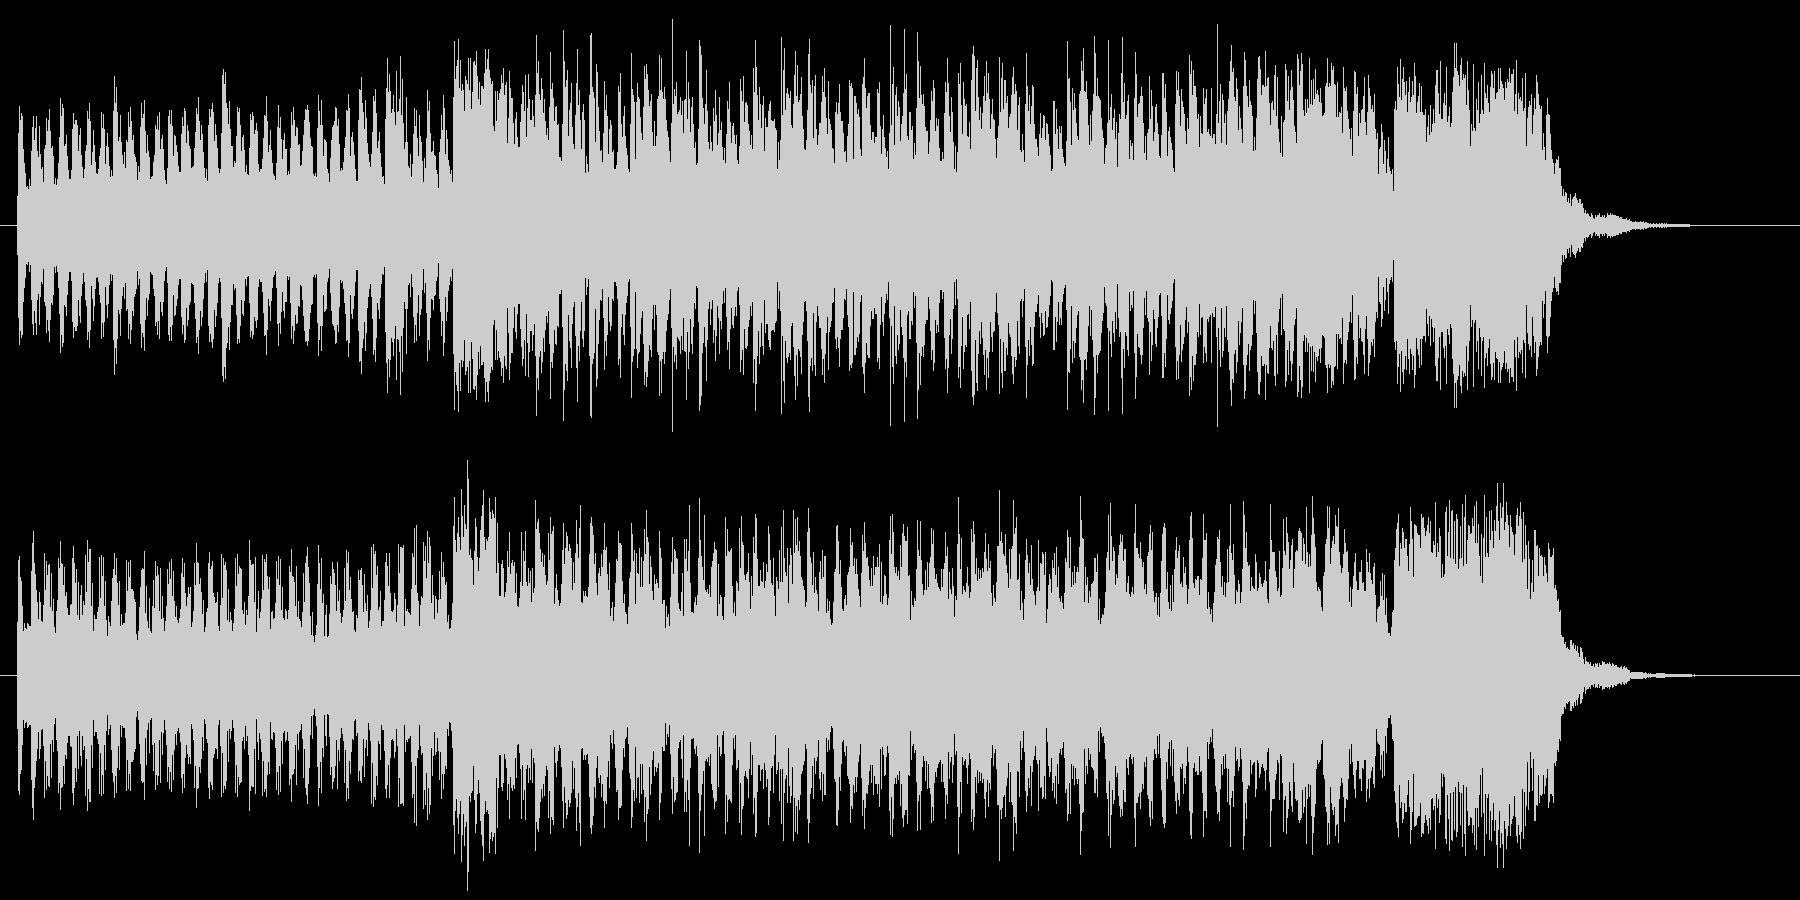 ダークでしなやかなシンセジングルの未再生の波形